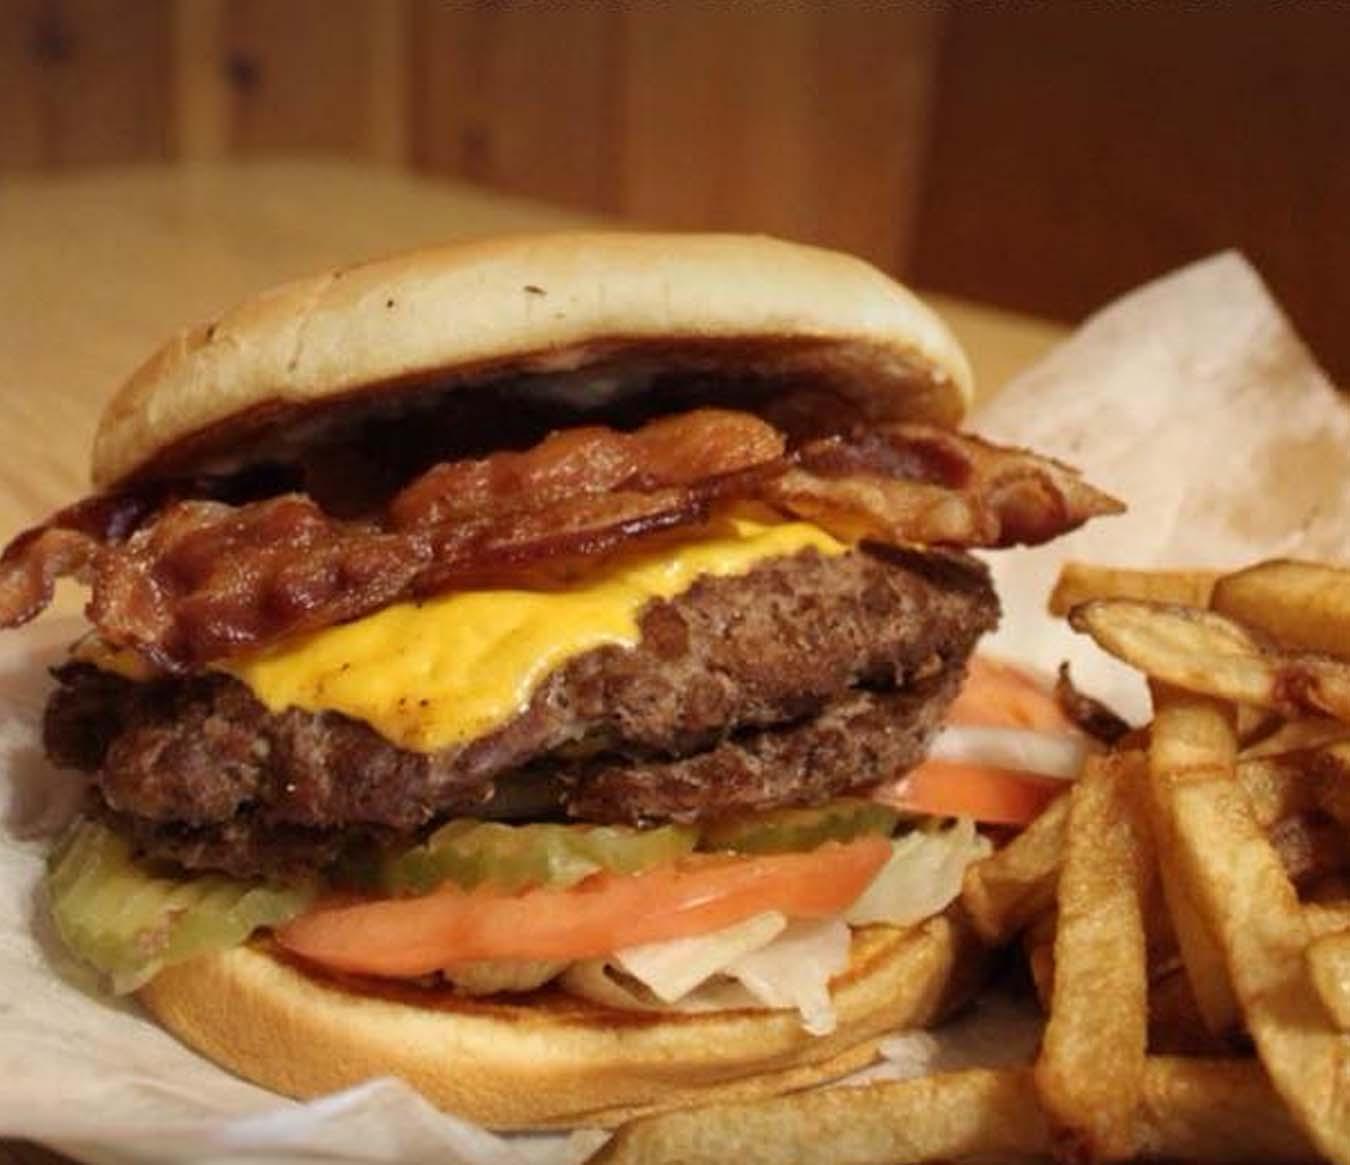 Where to Eat In San Antonio - Texas Hamburger Company